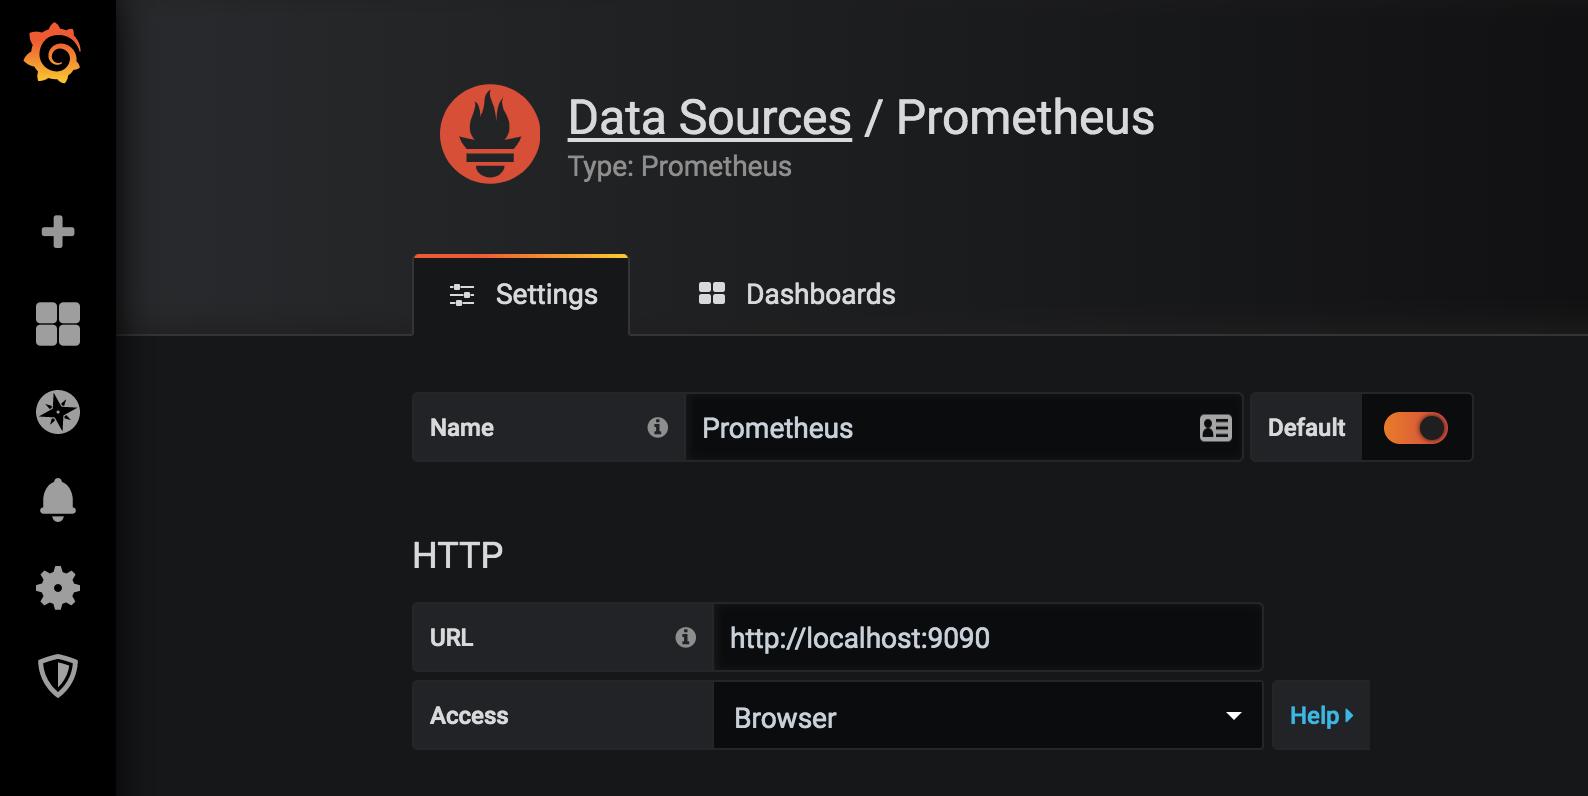 grafana_configuring_datasource.png